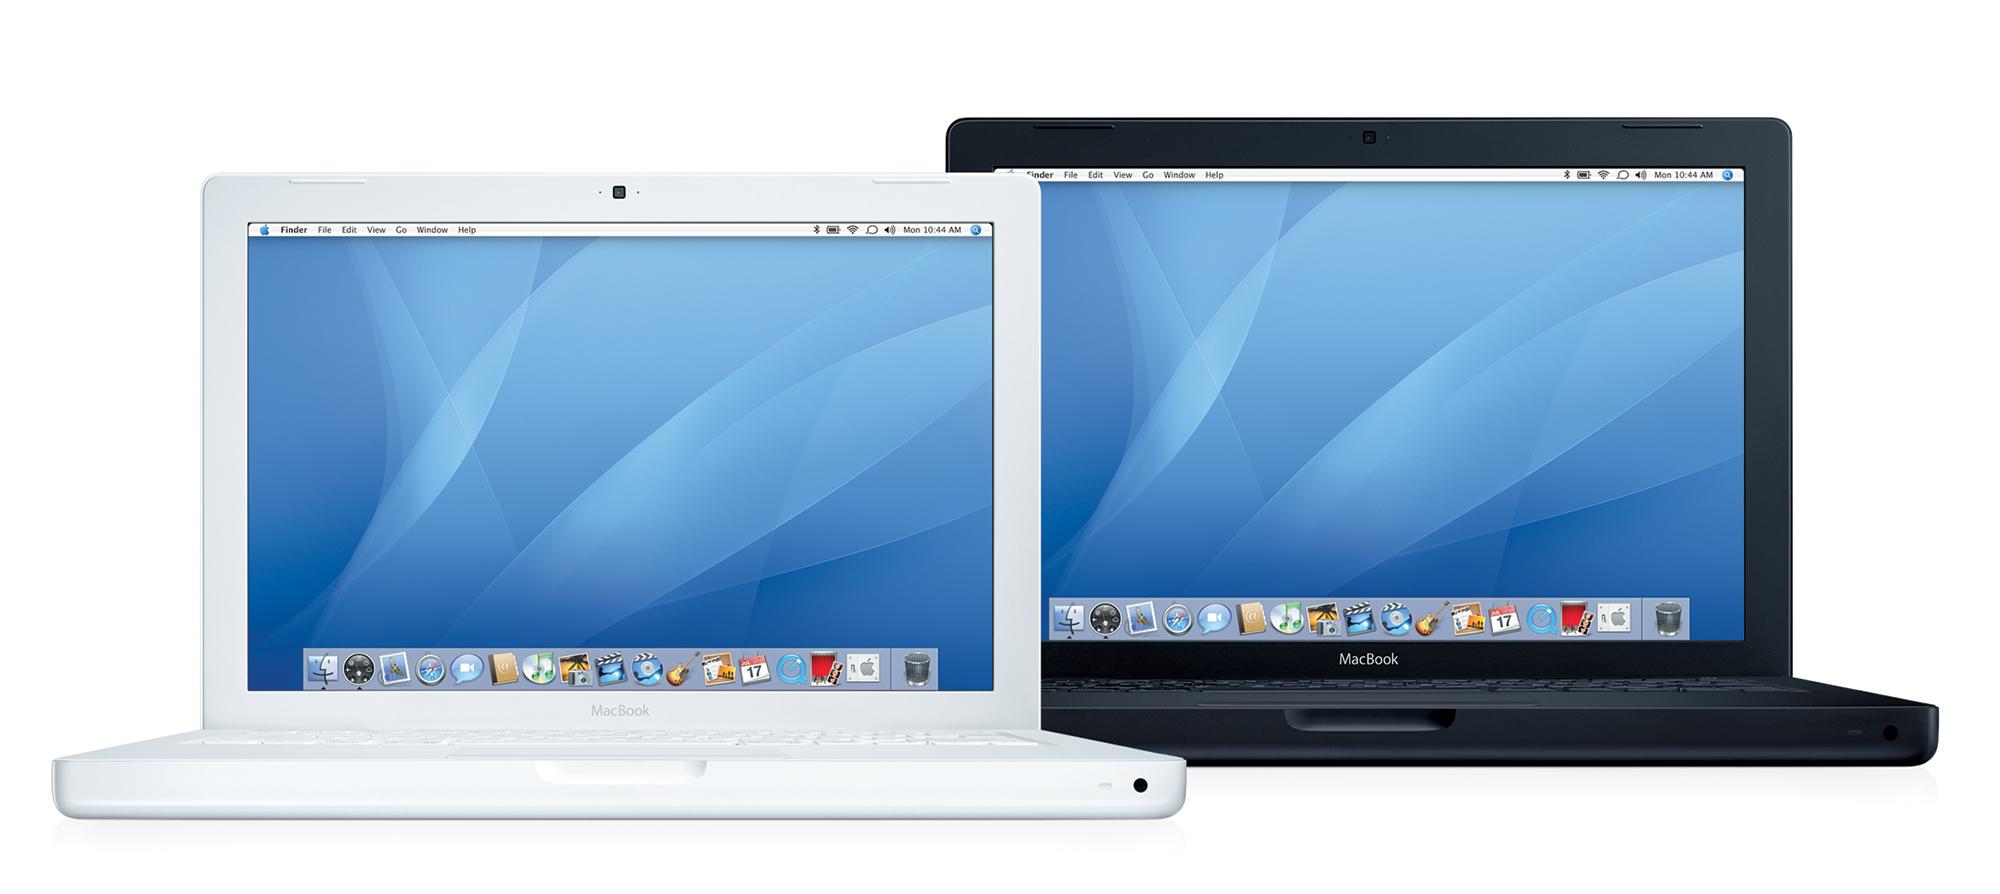 macbook_2007